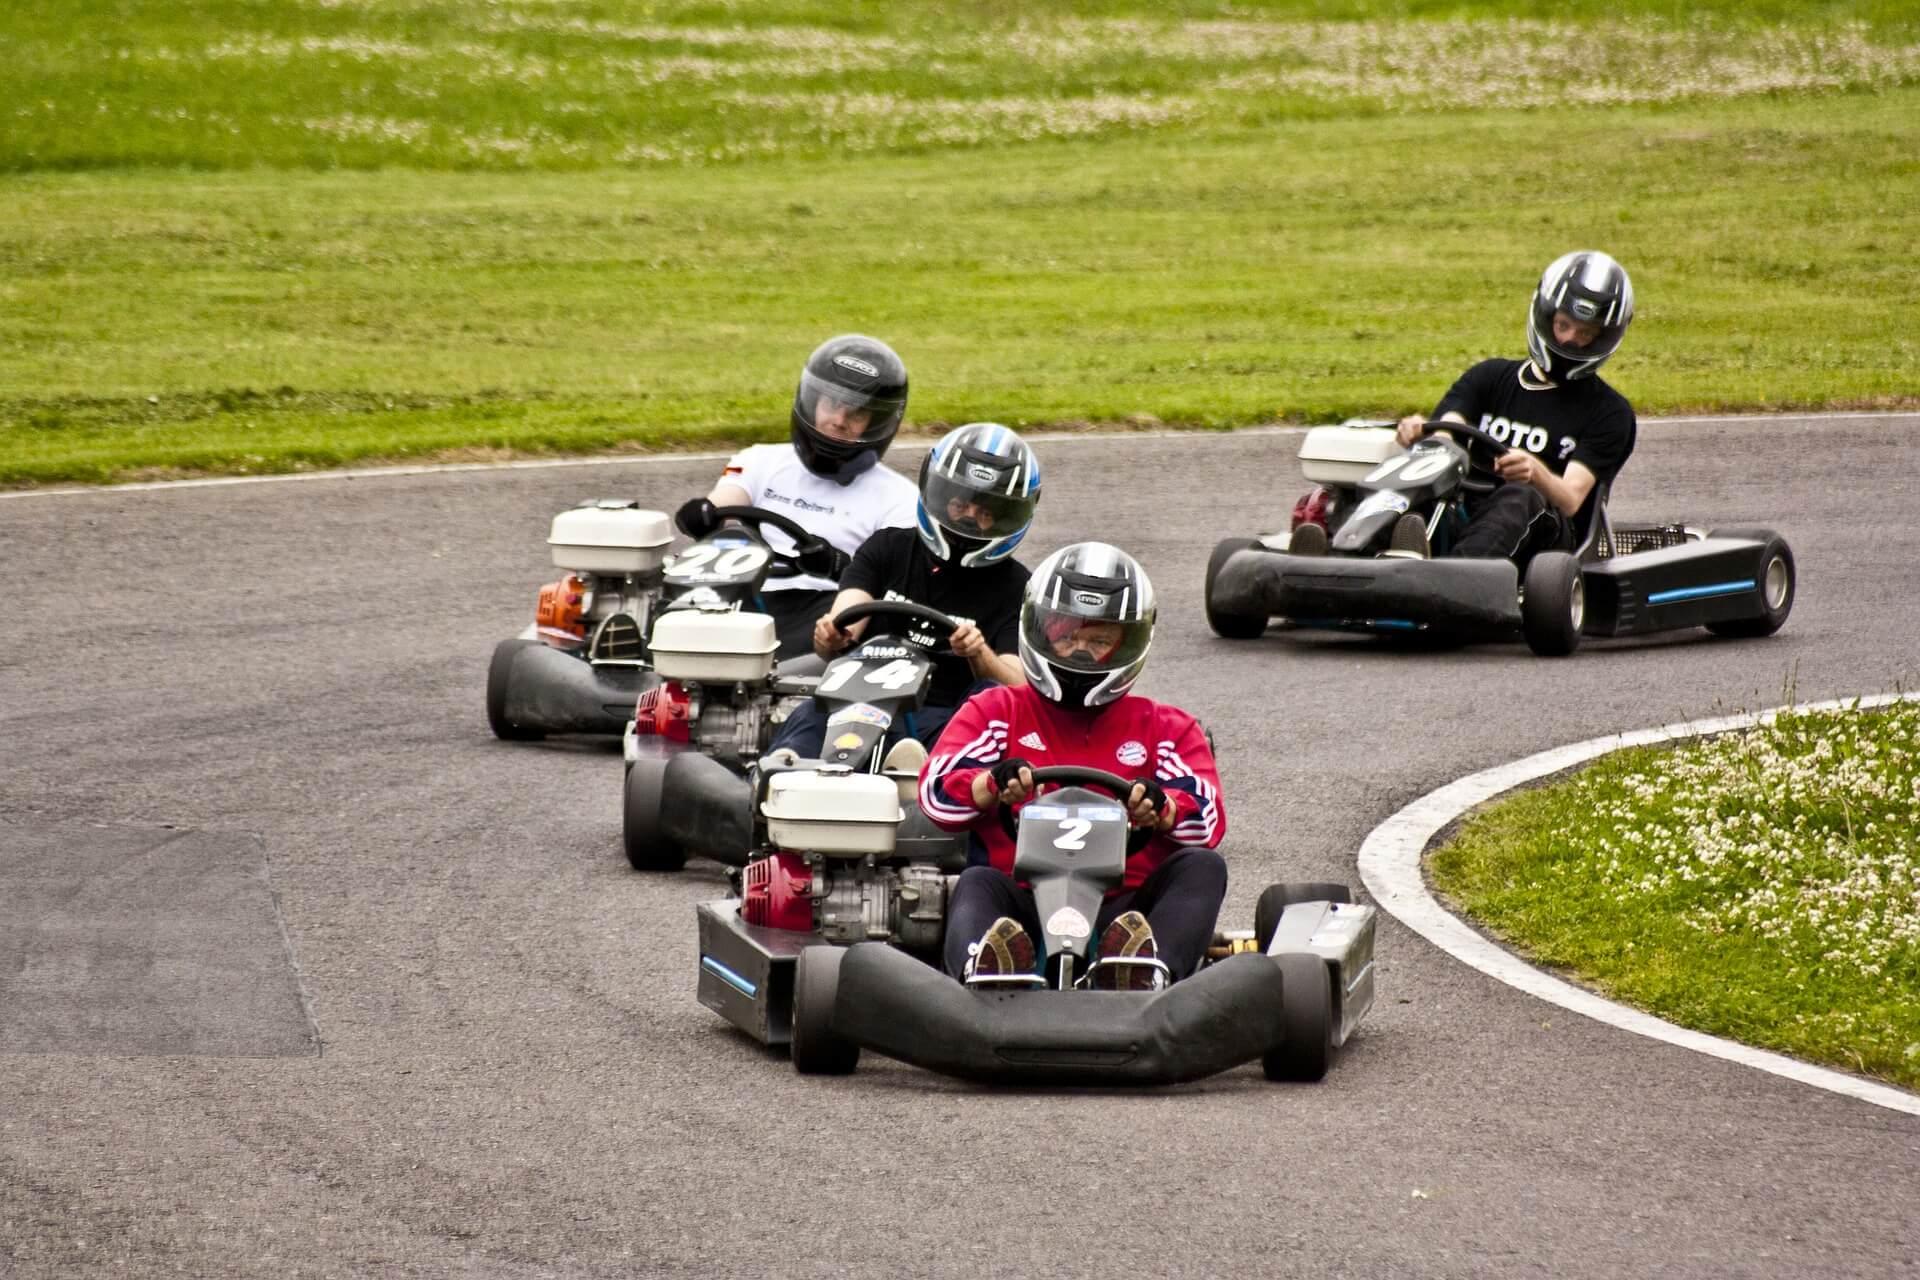 Autour de La FabriK' en Baie : Karting et circuit